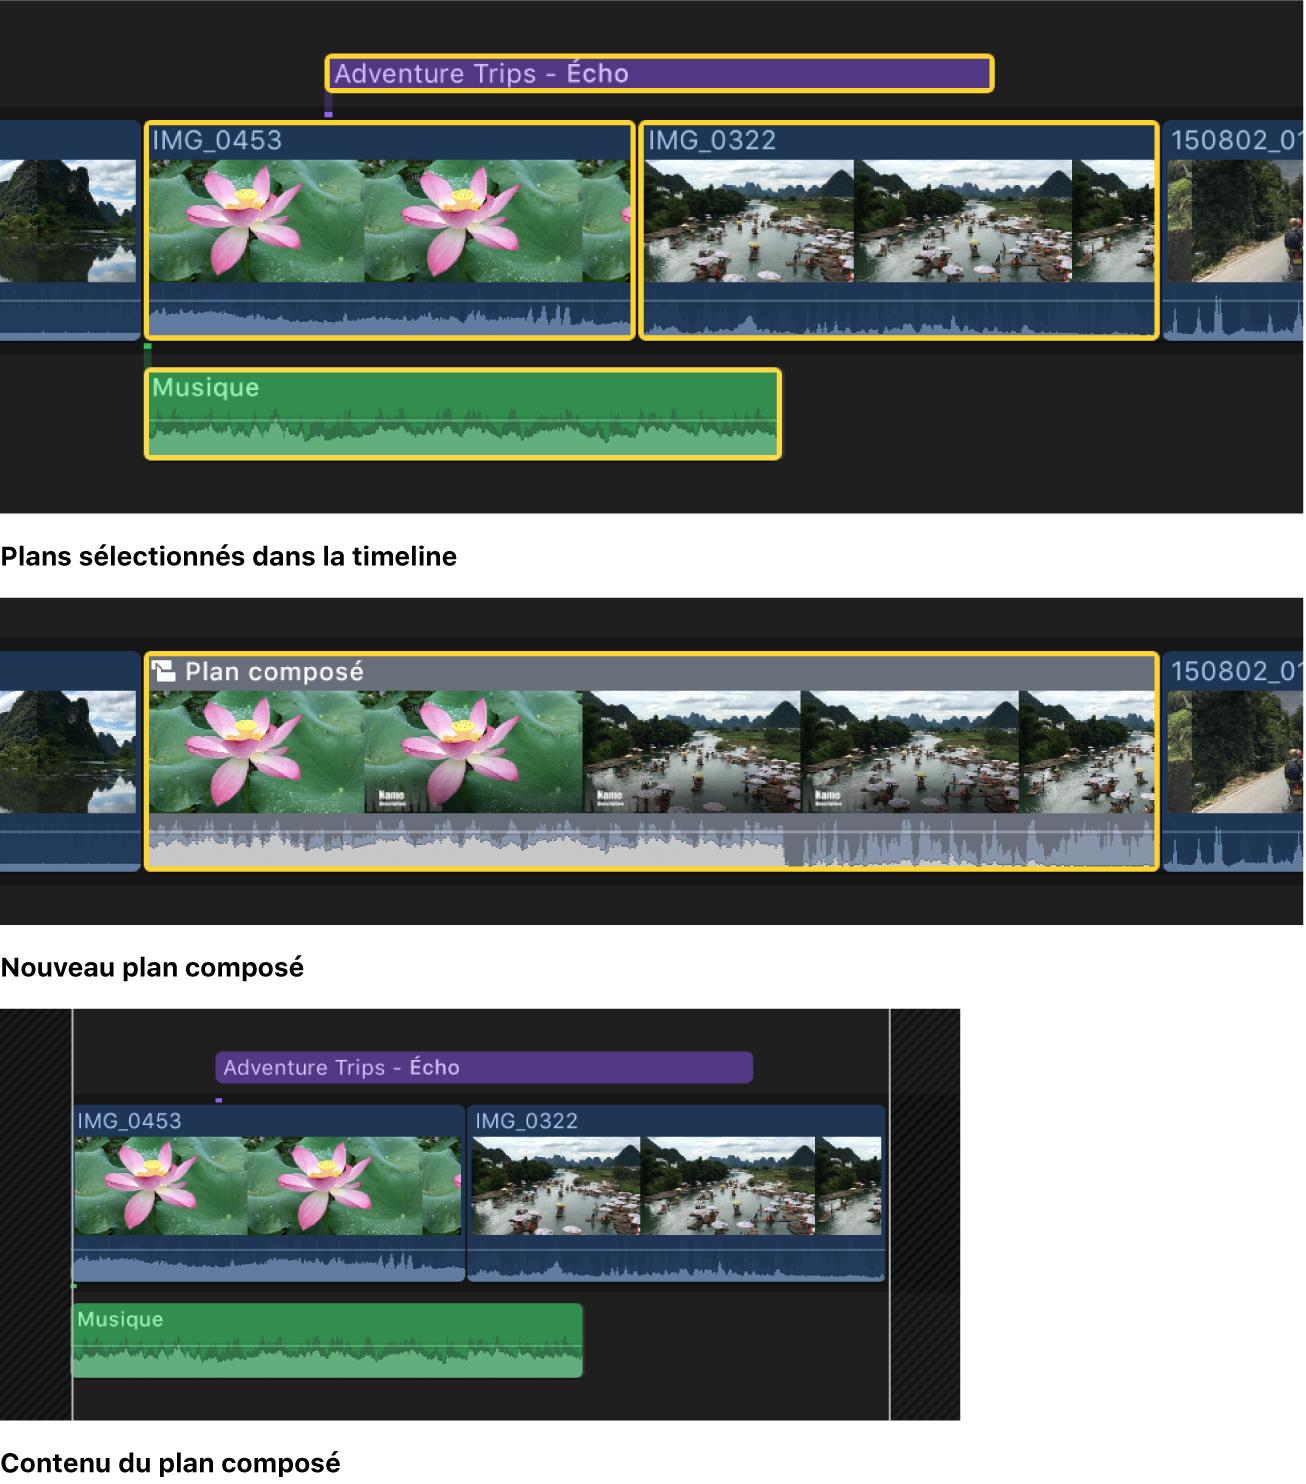 Un plan composé créé à partir de plans sélectionnés dans la timeline